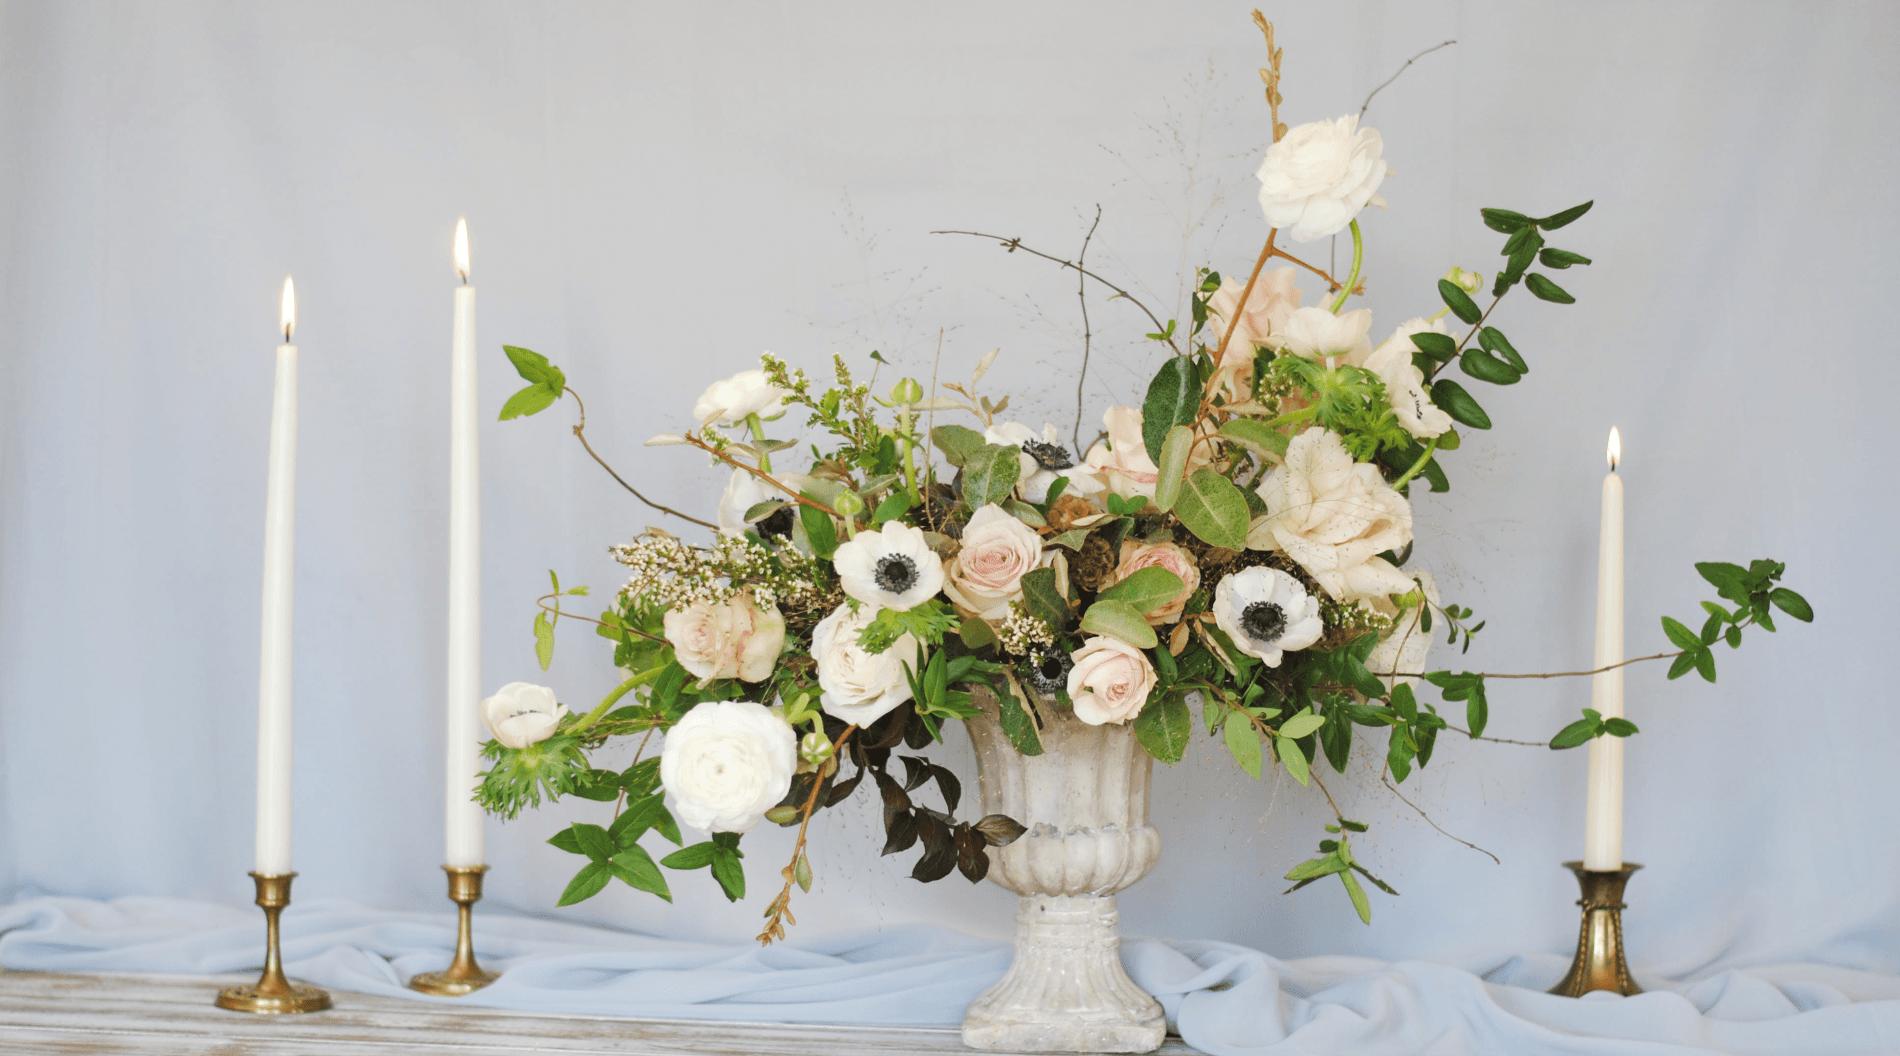 winston-salem-florist-home-page-arrangement4 (2)